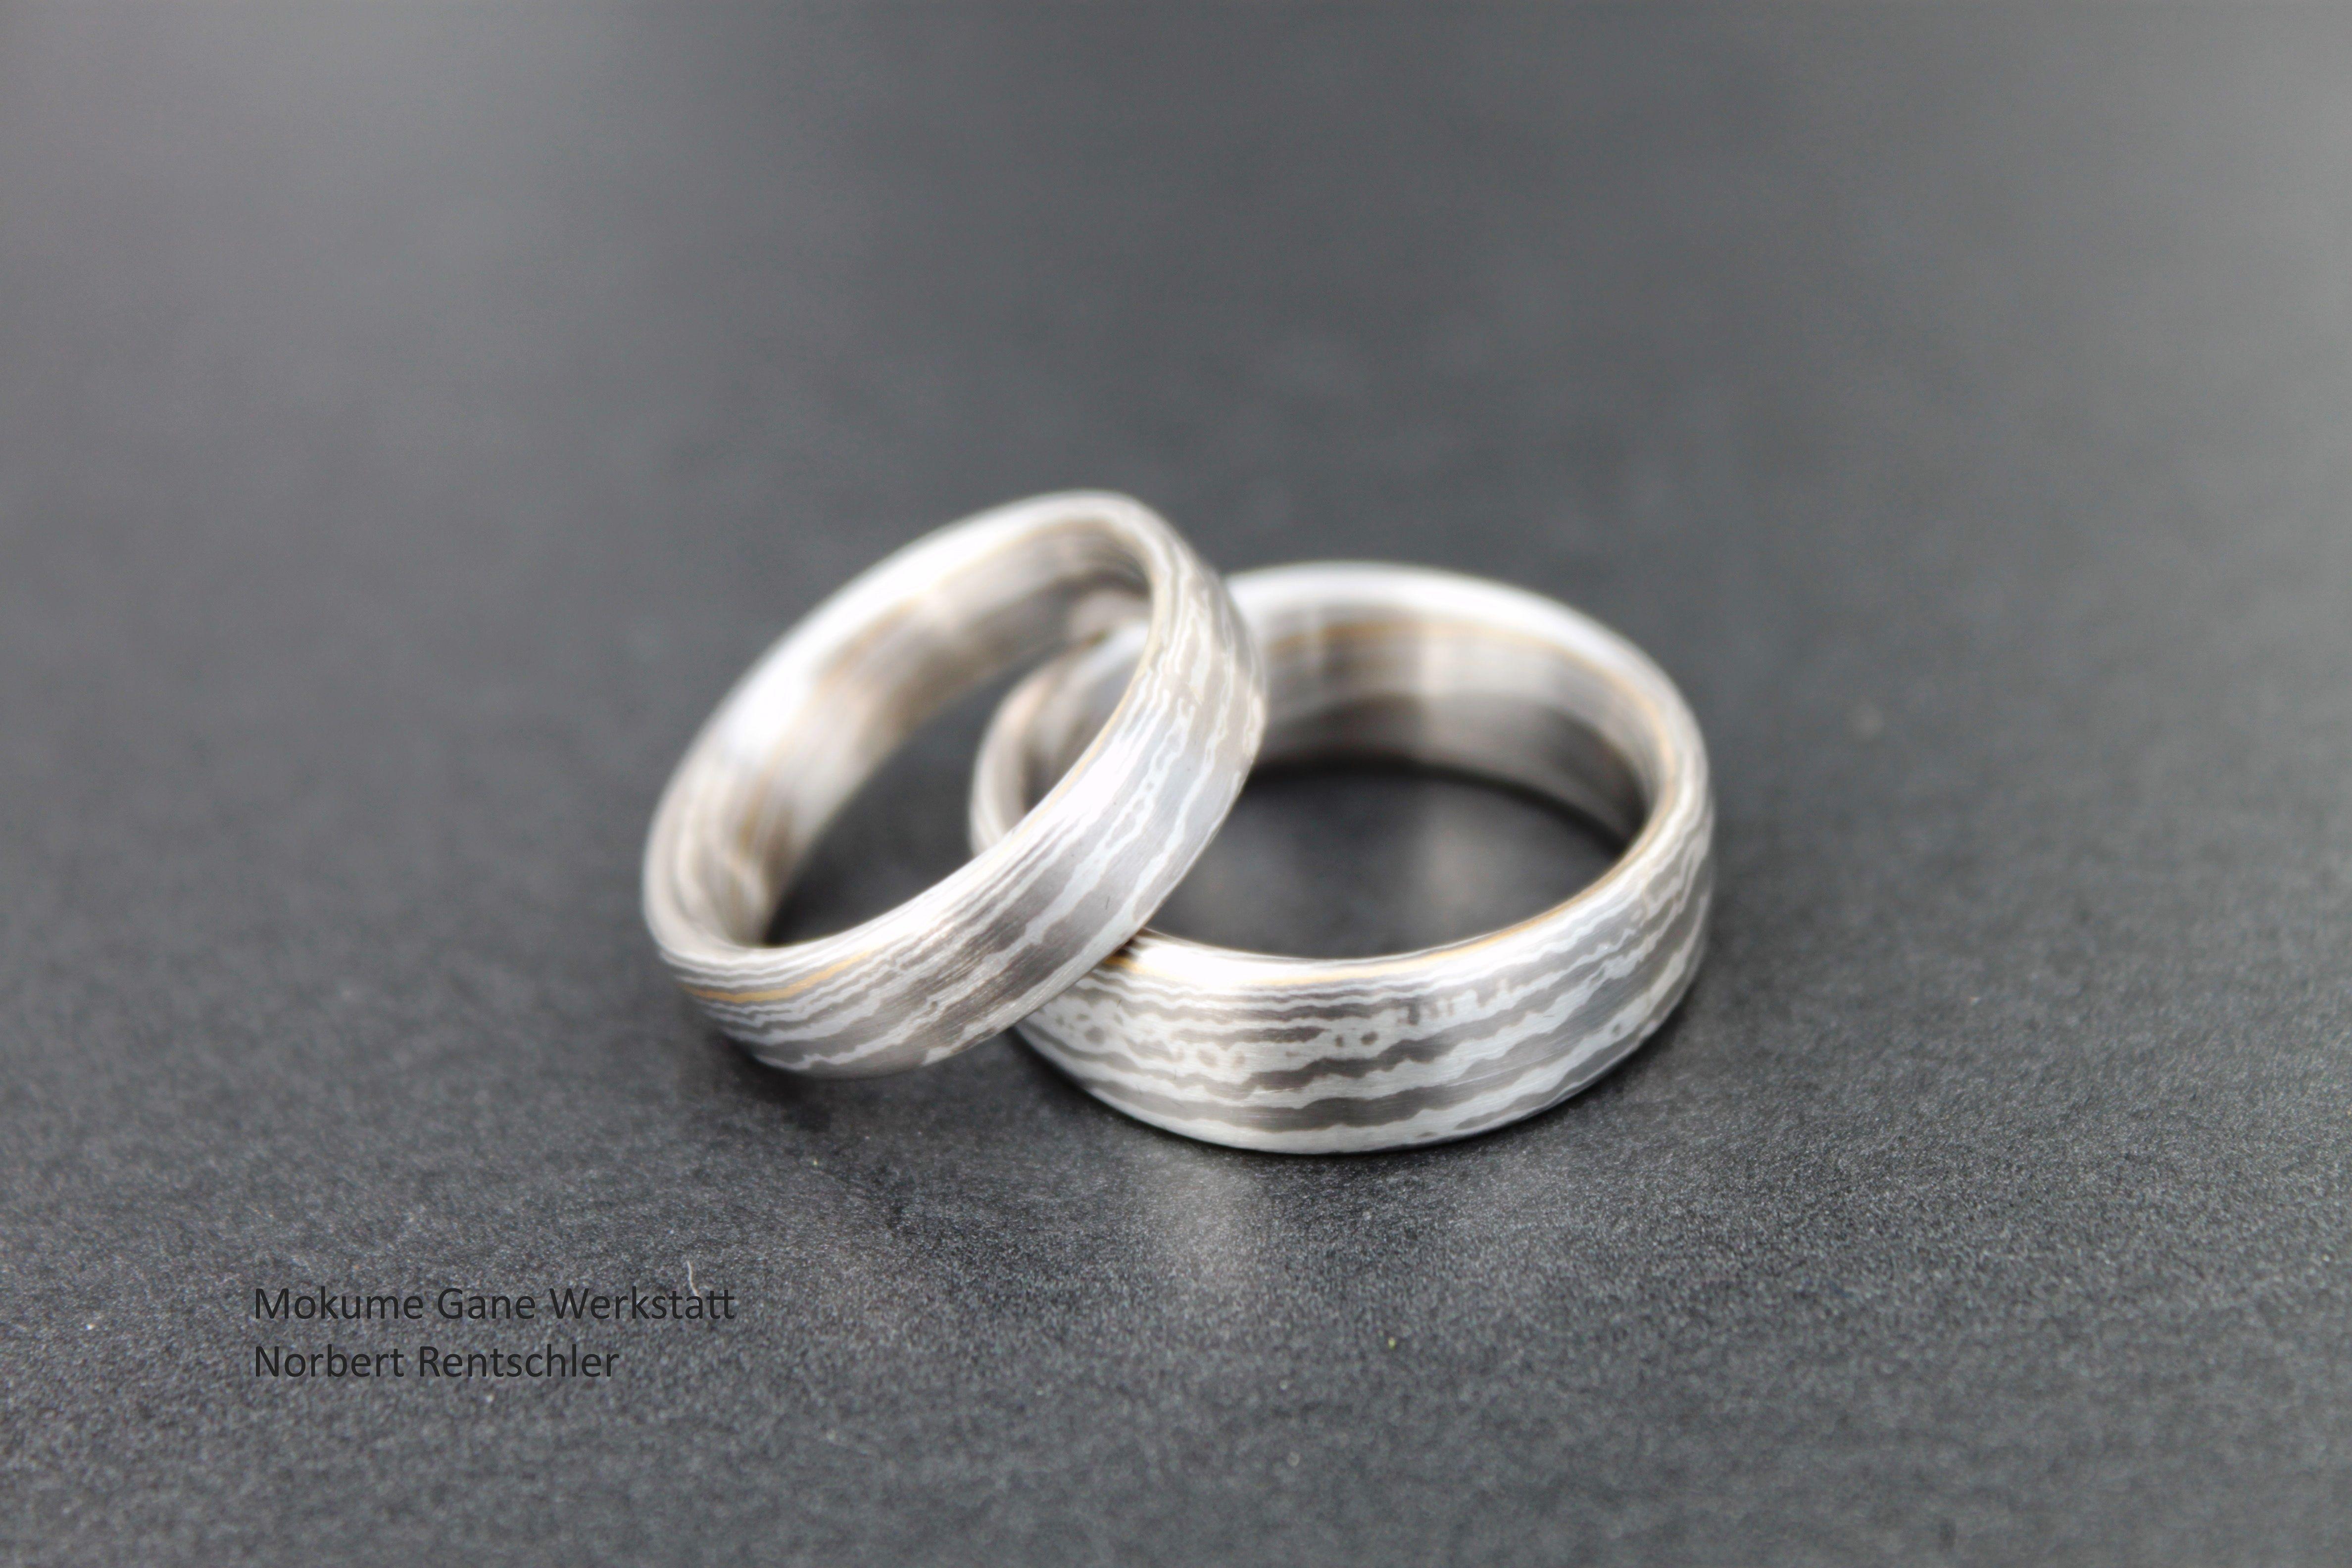 Mokume Gane Trauringe super schmal Silber Palladium 3 5 mm breit